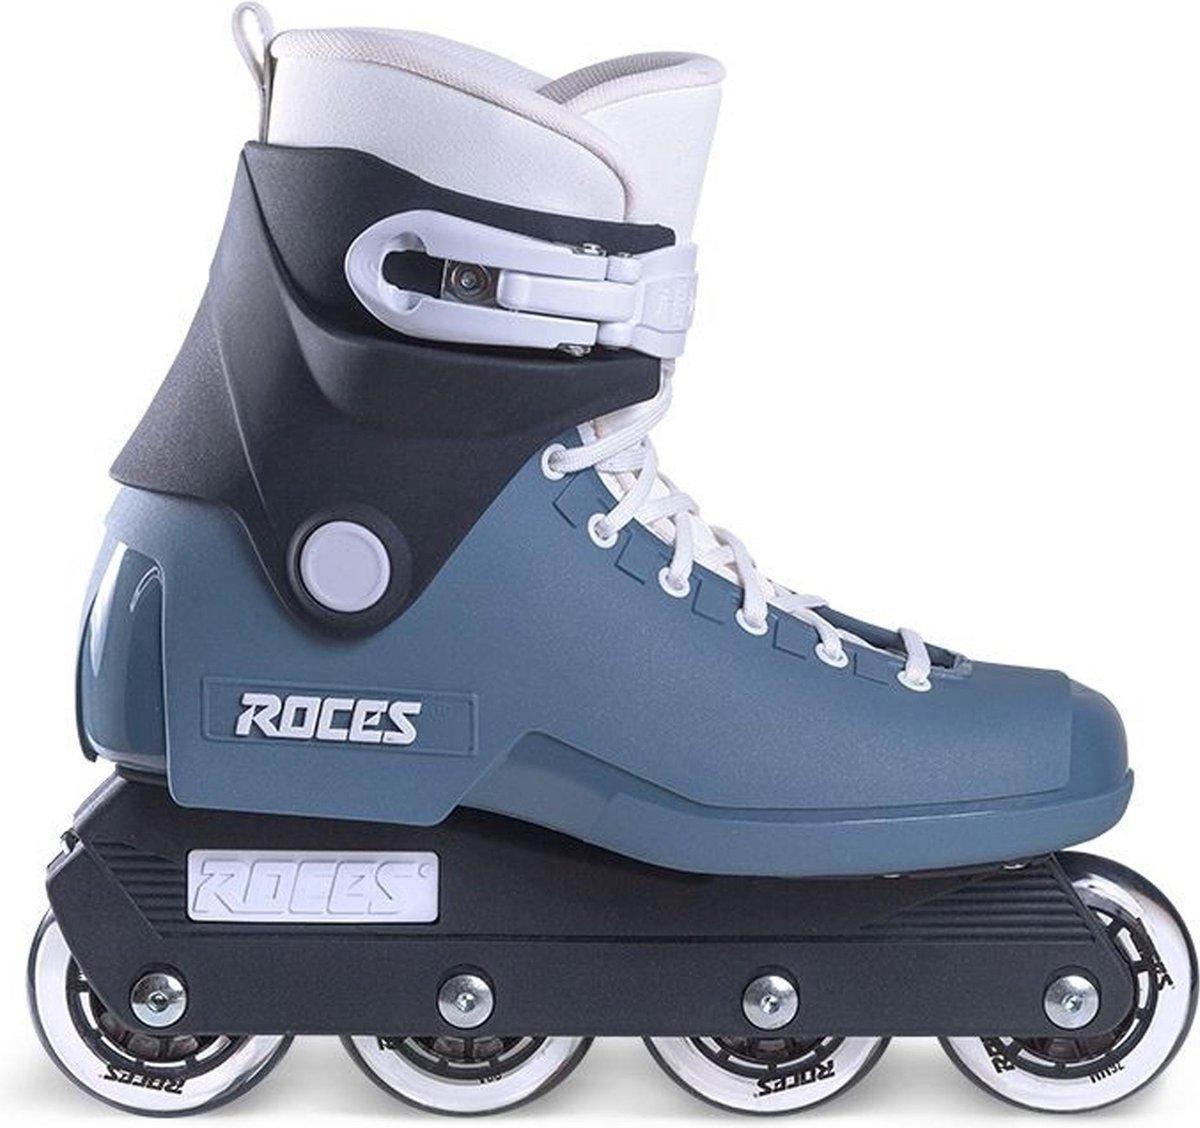 Roces 1992 Inlineskates - Maat 40 - Unisex - grijs/blauw/zwart/wit